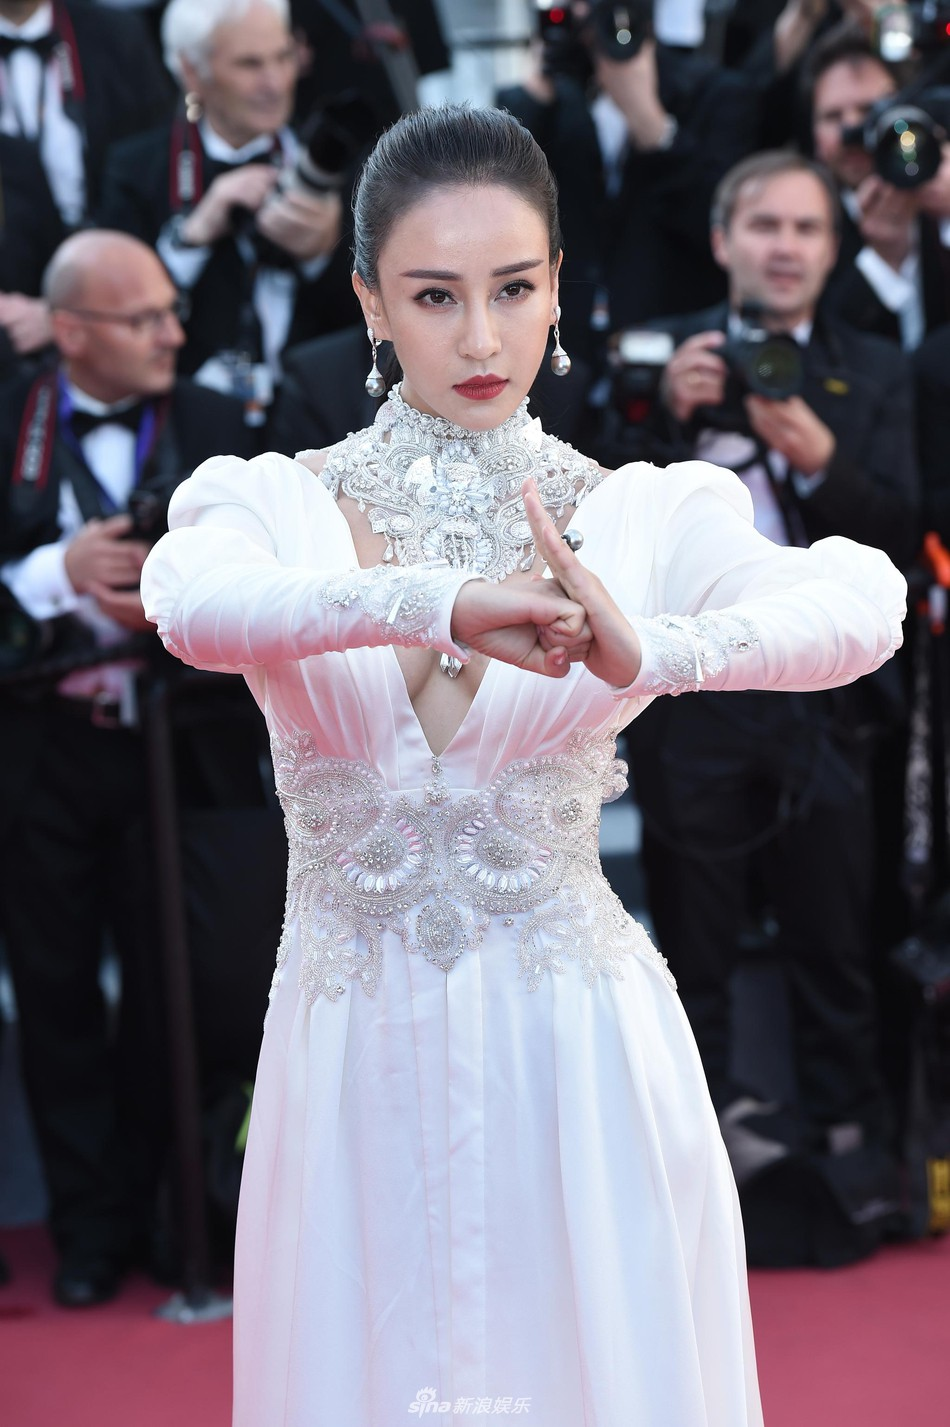 Thảm đỏ Cannes: Đây mới chính là nữ hoàng Phạm Băng Băng mà tất cả cùng mong chờ! - Ảnh 18.